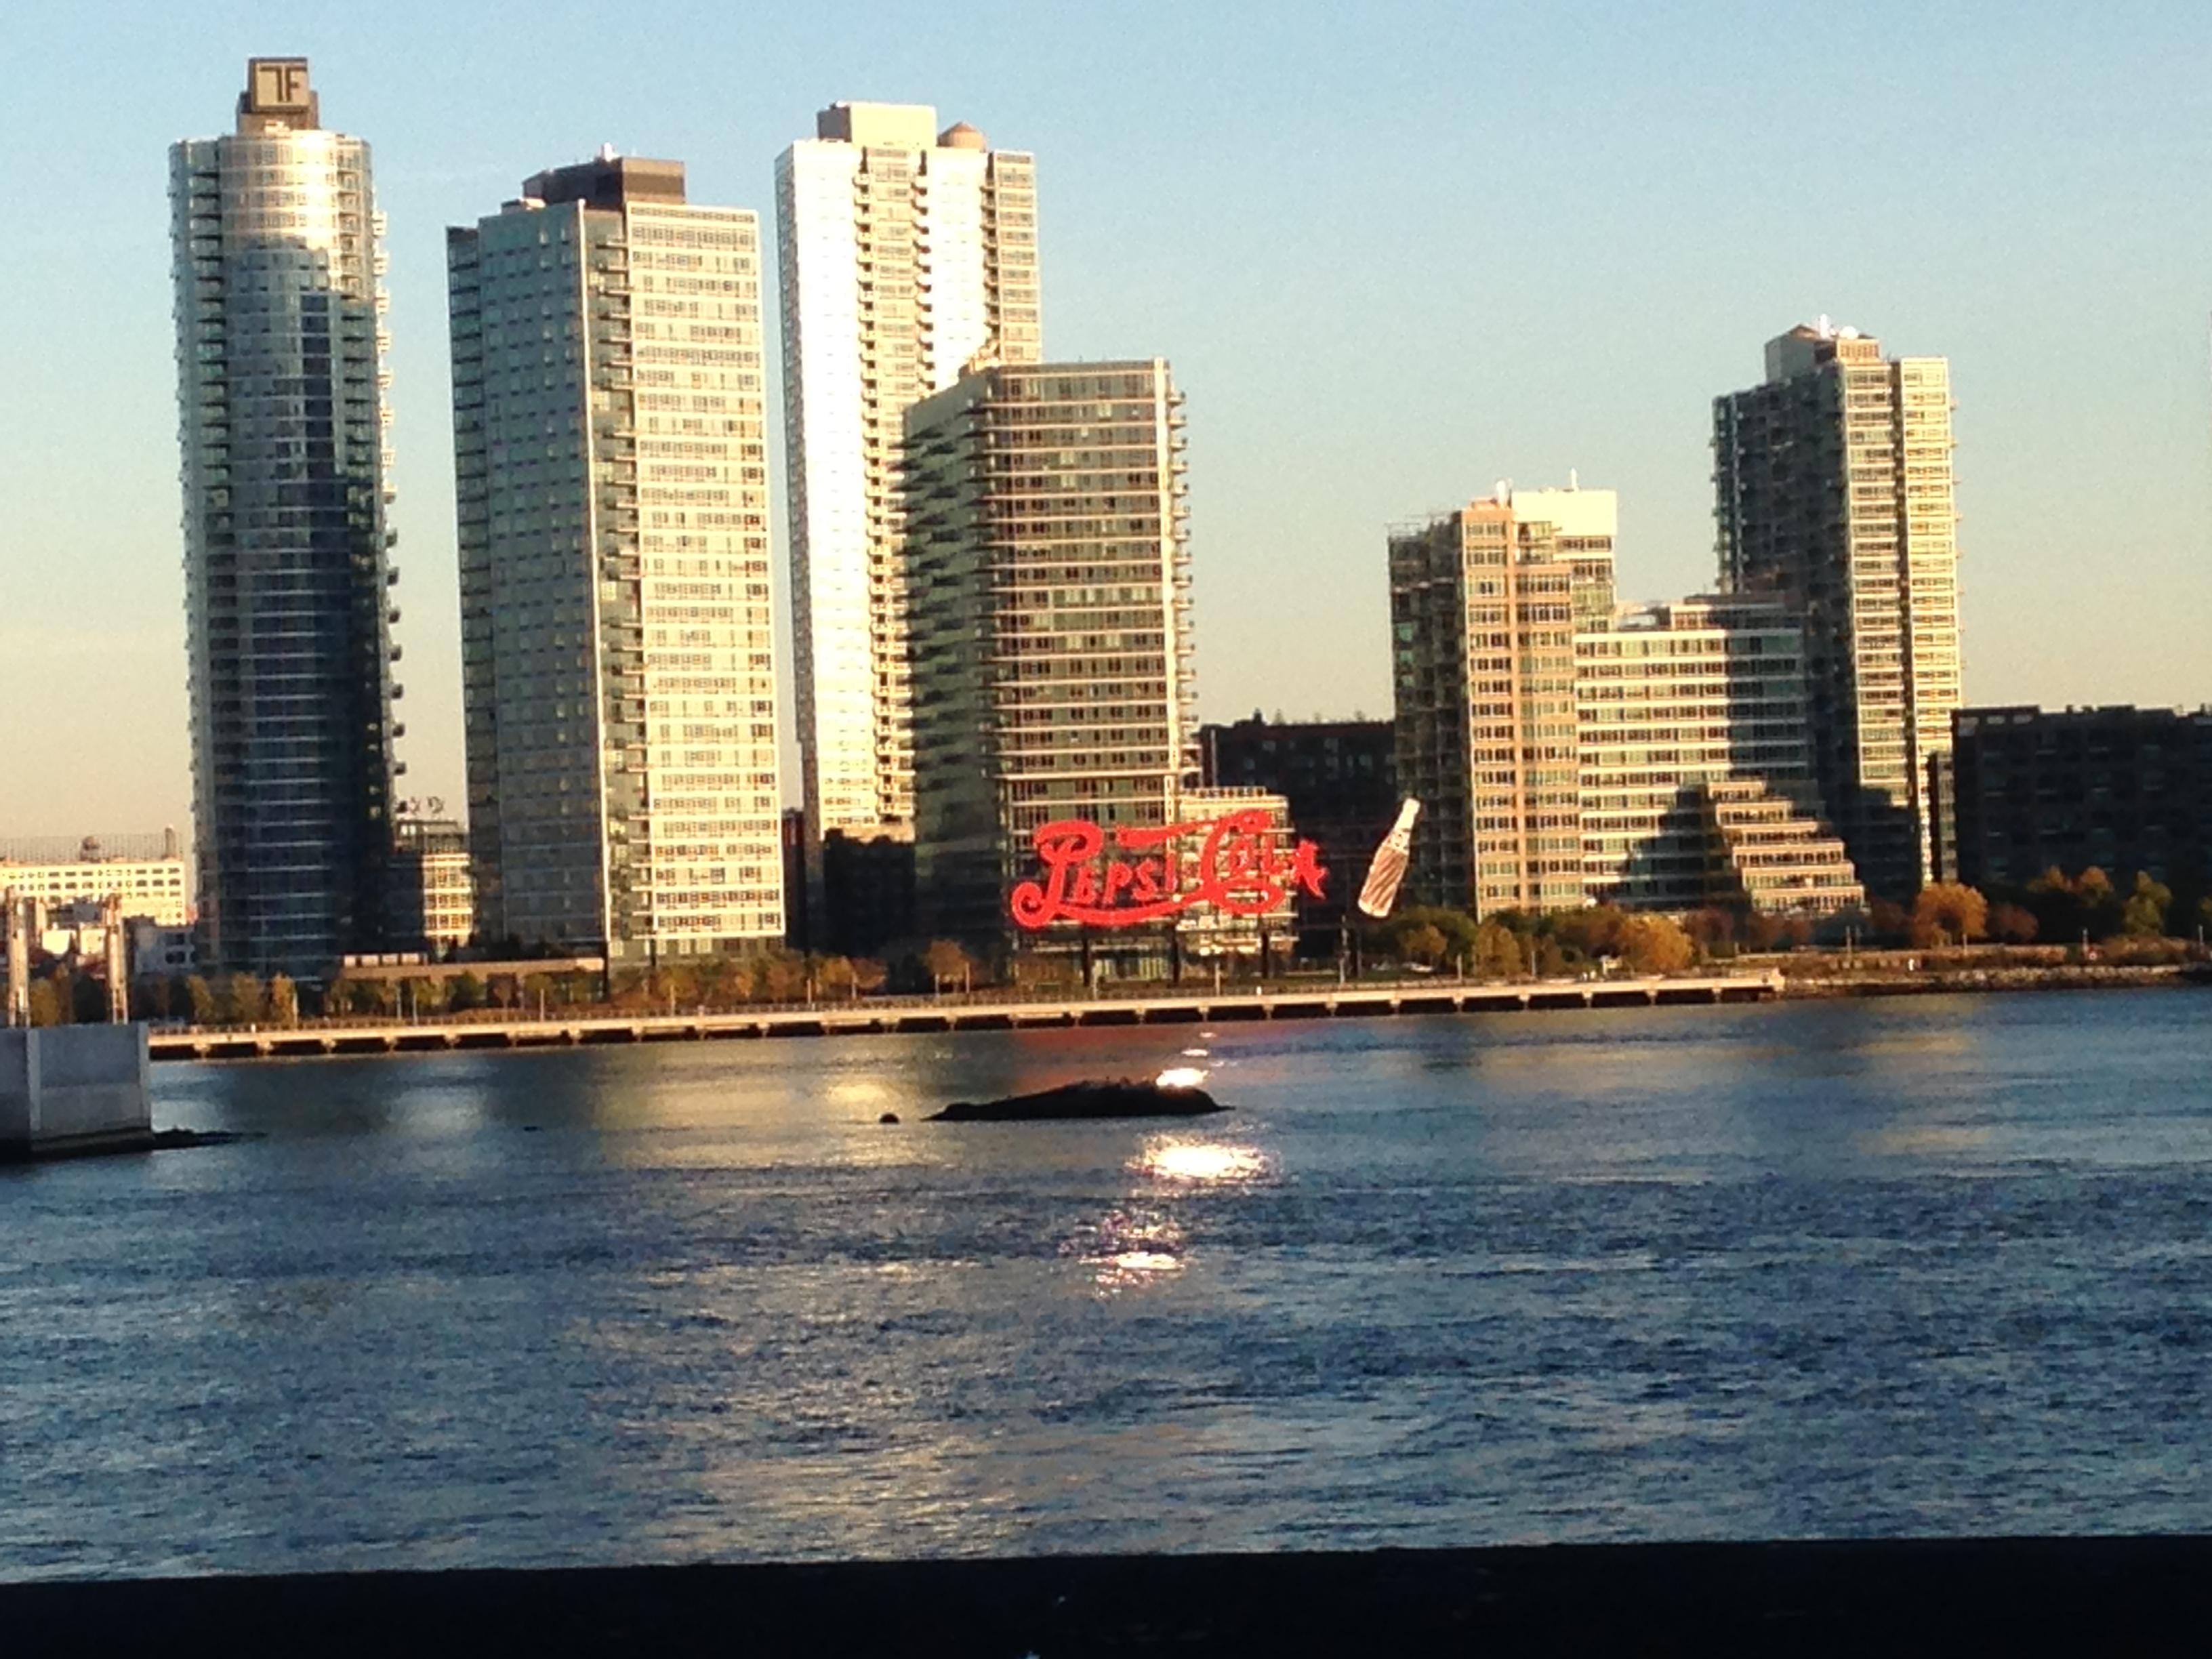 20141110 210515313 ios - Visitando la sede de la ONU en New York